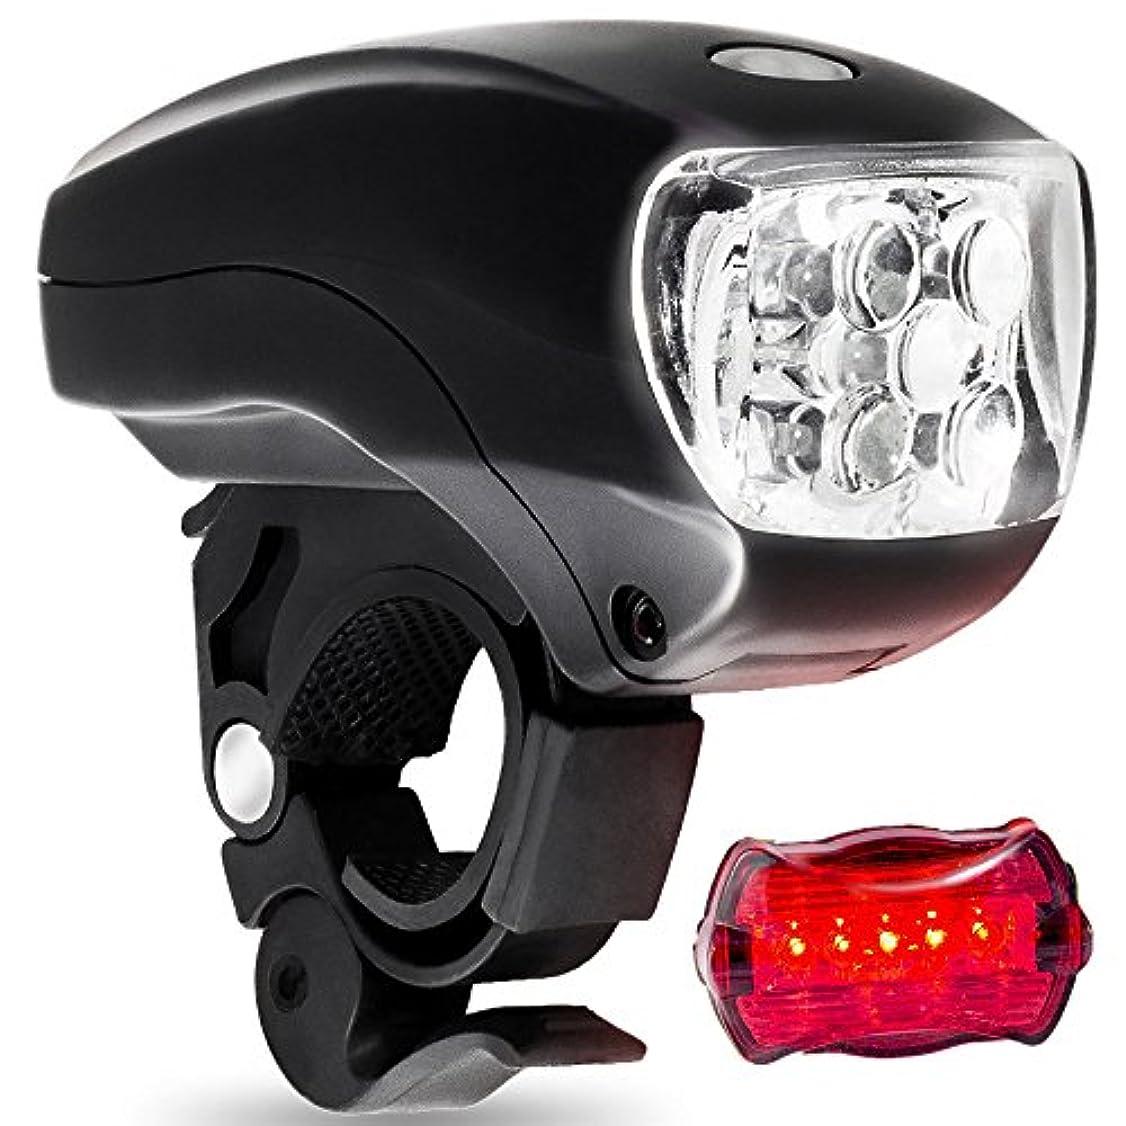 アーサーコナンドイルモードリン無駄にUSB充電式自転車ライト 自転車ライトUSB充電 - LED自転車ライト1ヘッドライトと1テールライト - ロード&マウンテンバイクライト - クイック解体スーパーライト自転車ライト - インストールが簡単 - 防水ロードバイクヘッドライト